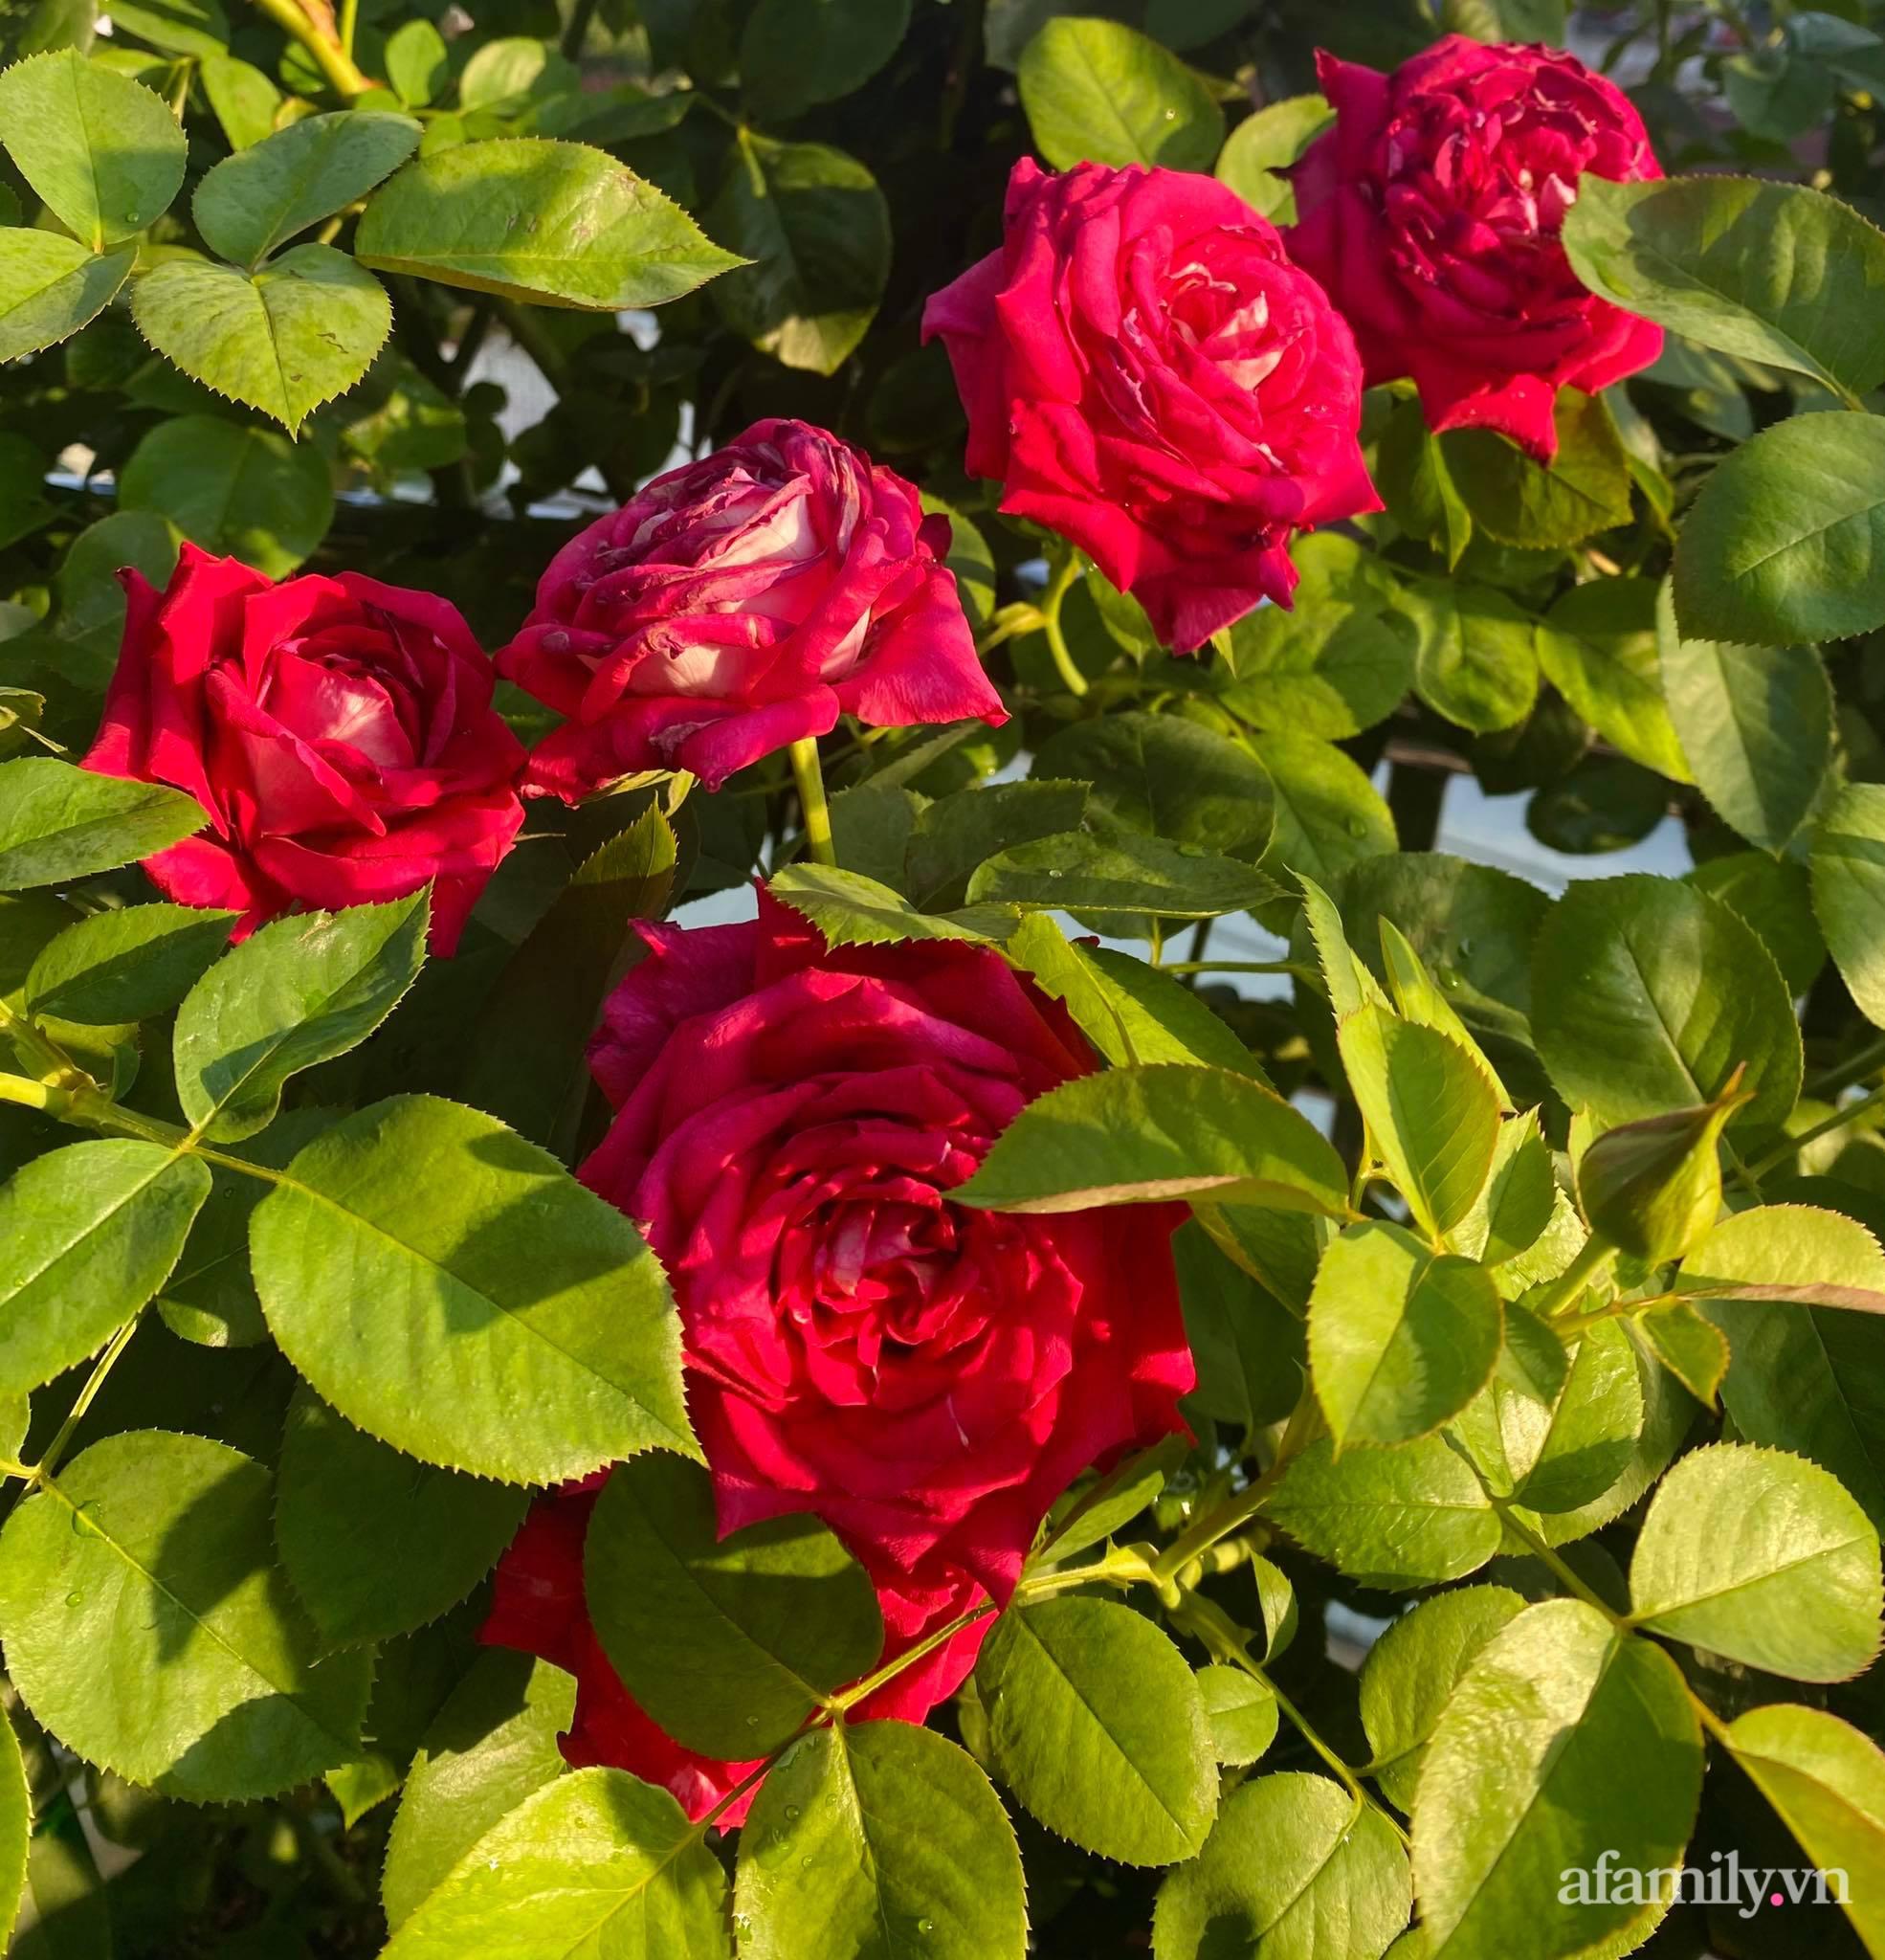 Sân thượng phủ kín hoa hồng và rau quả sạch ở Sài Gòn của Hoa hậu Janny Thủy Trần - ảnh 17